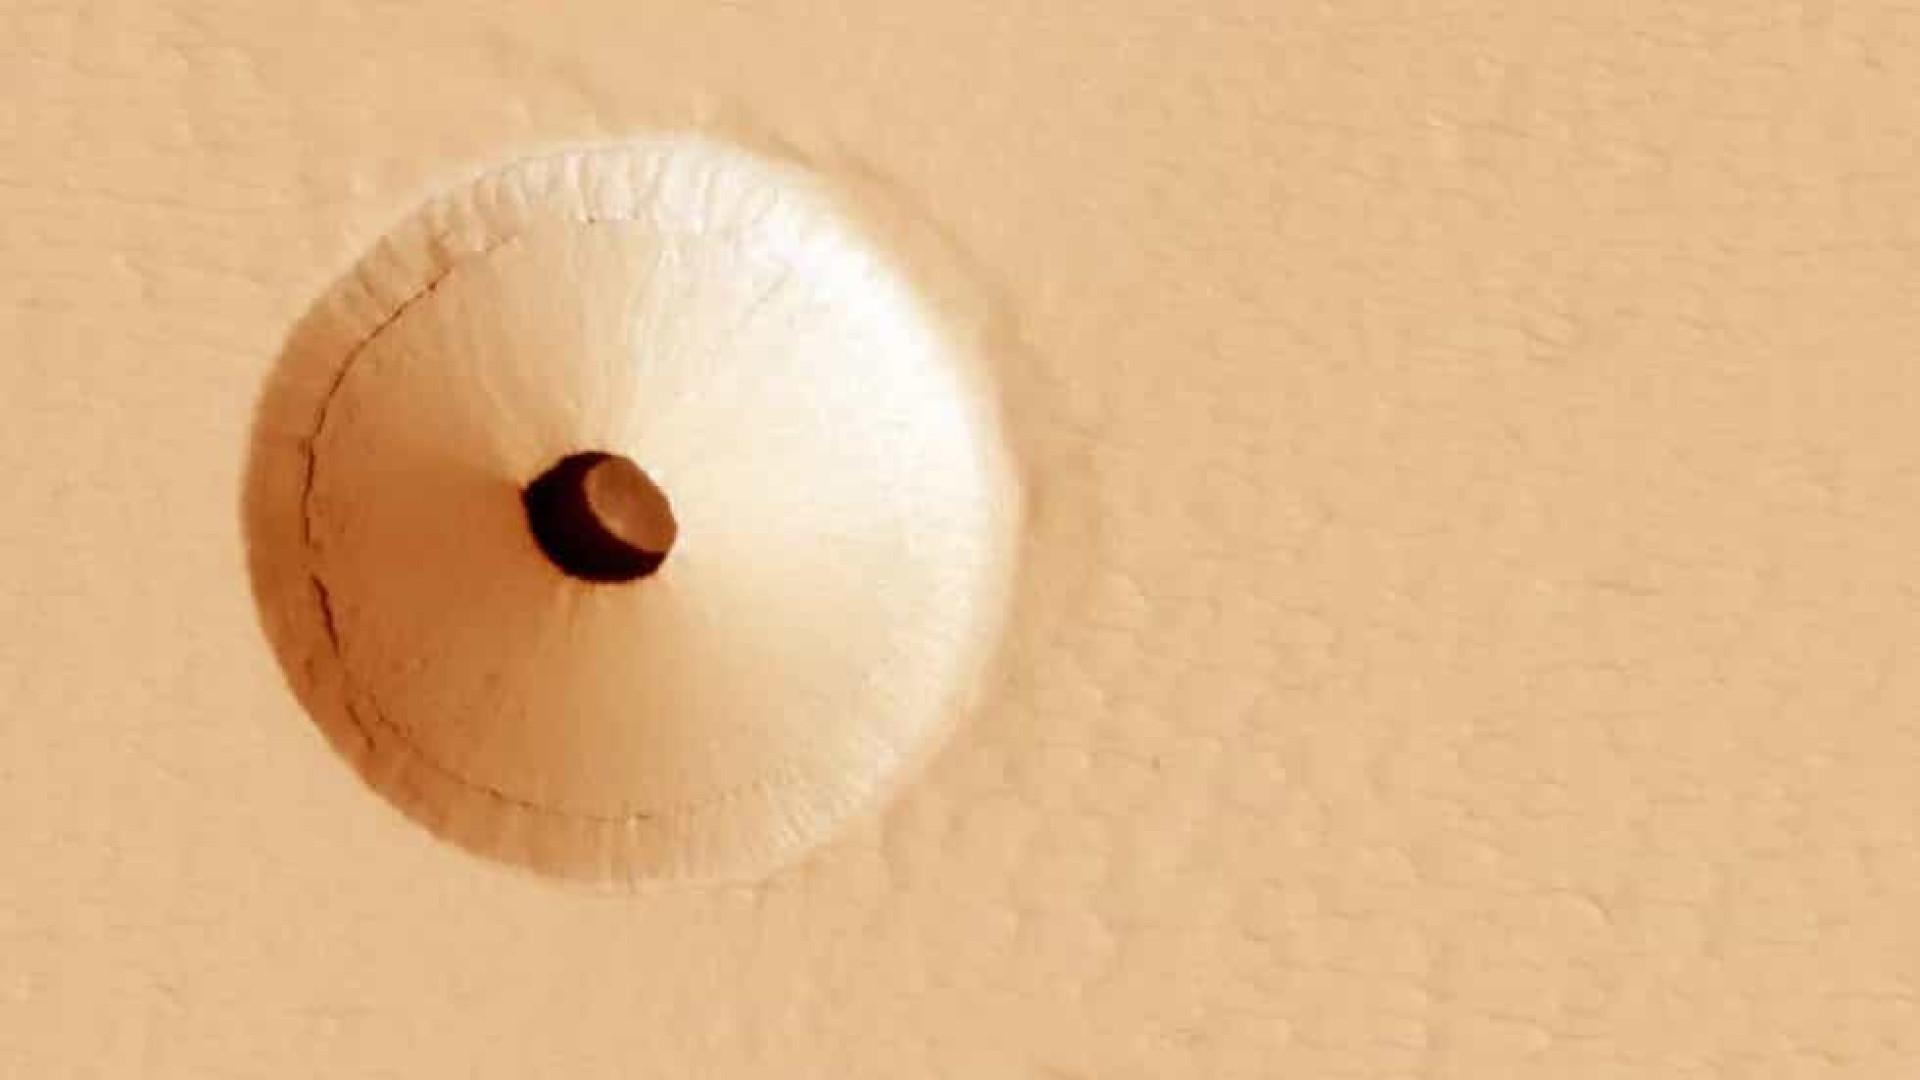 Fotografias mostram abismos na superfície do planeta Marte